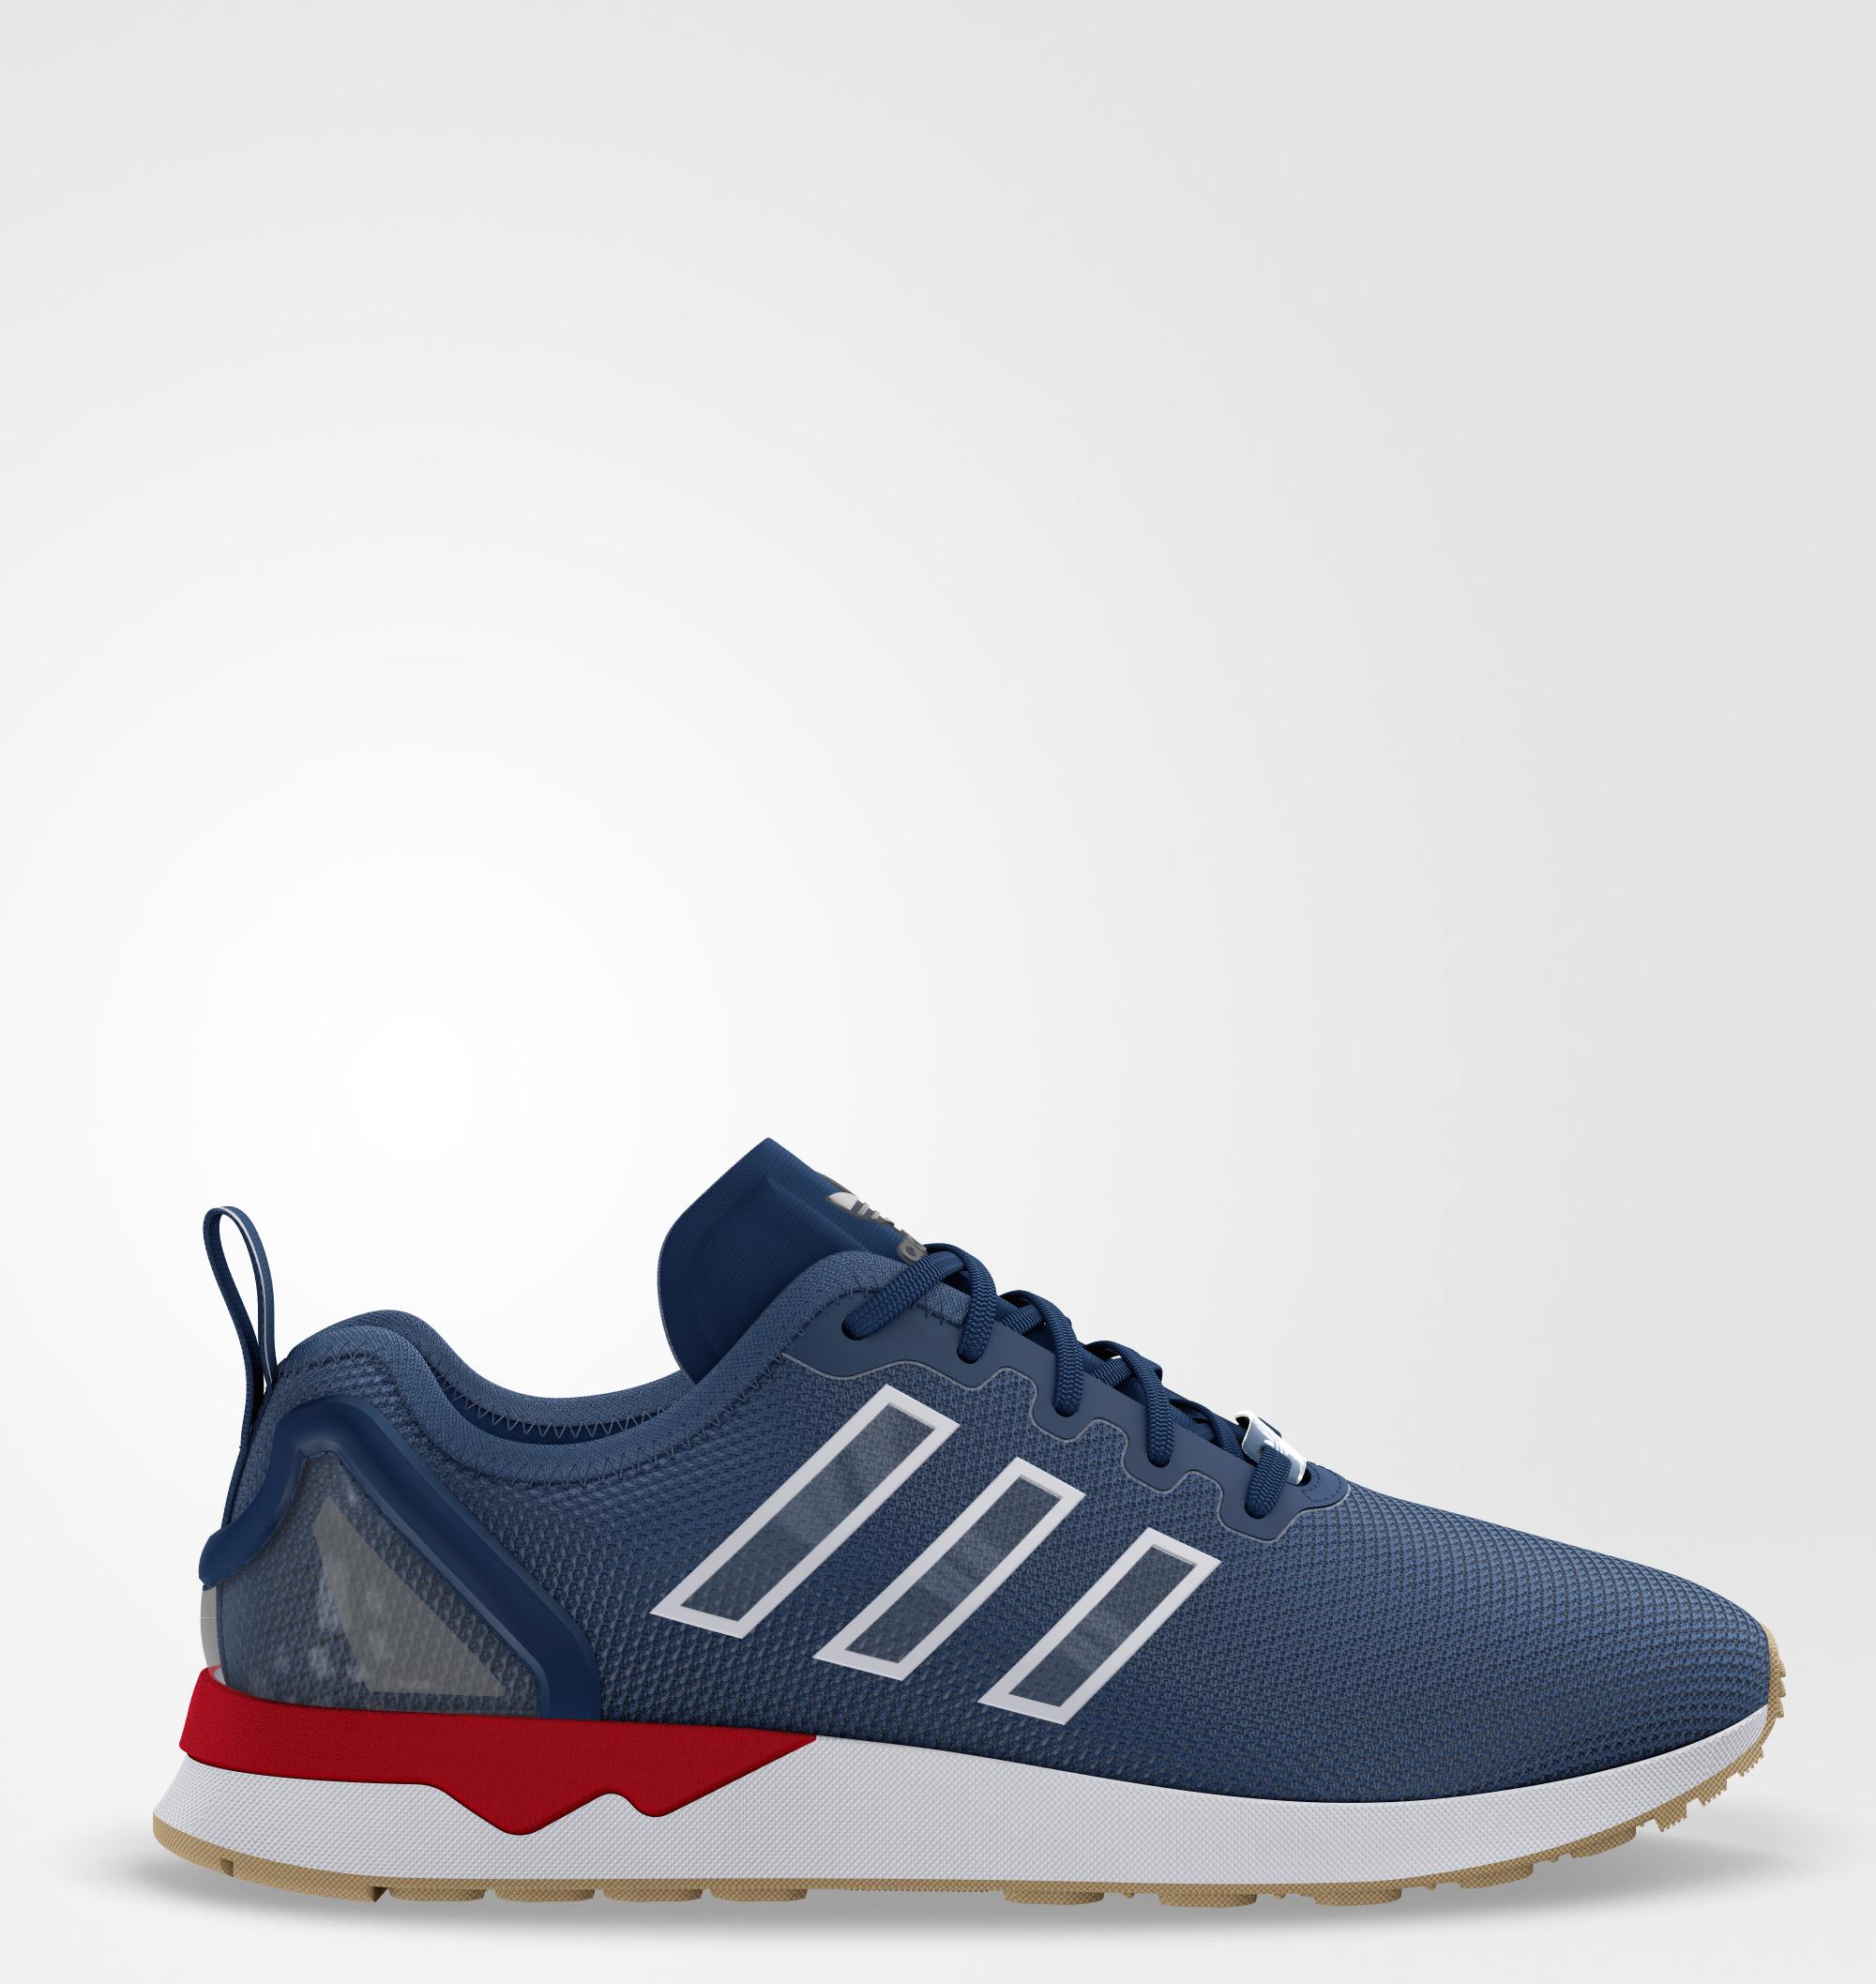 adidas mi ZX Flux ADV   Adidas, Zx flux, Adidas gazelle